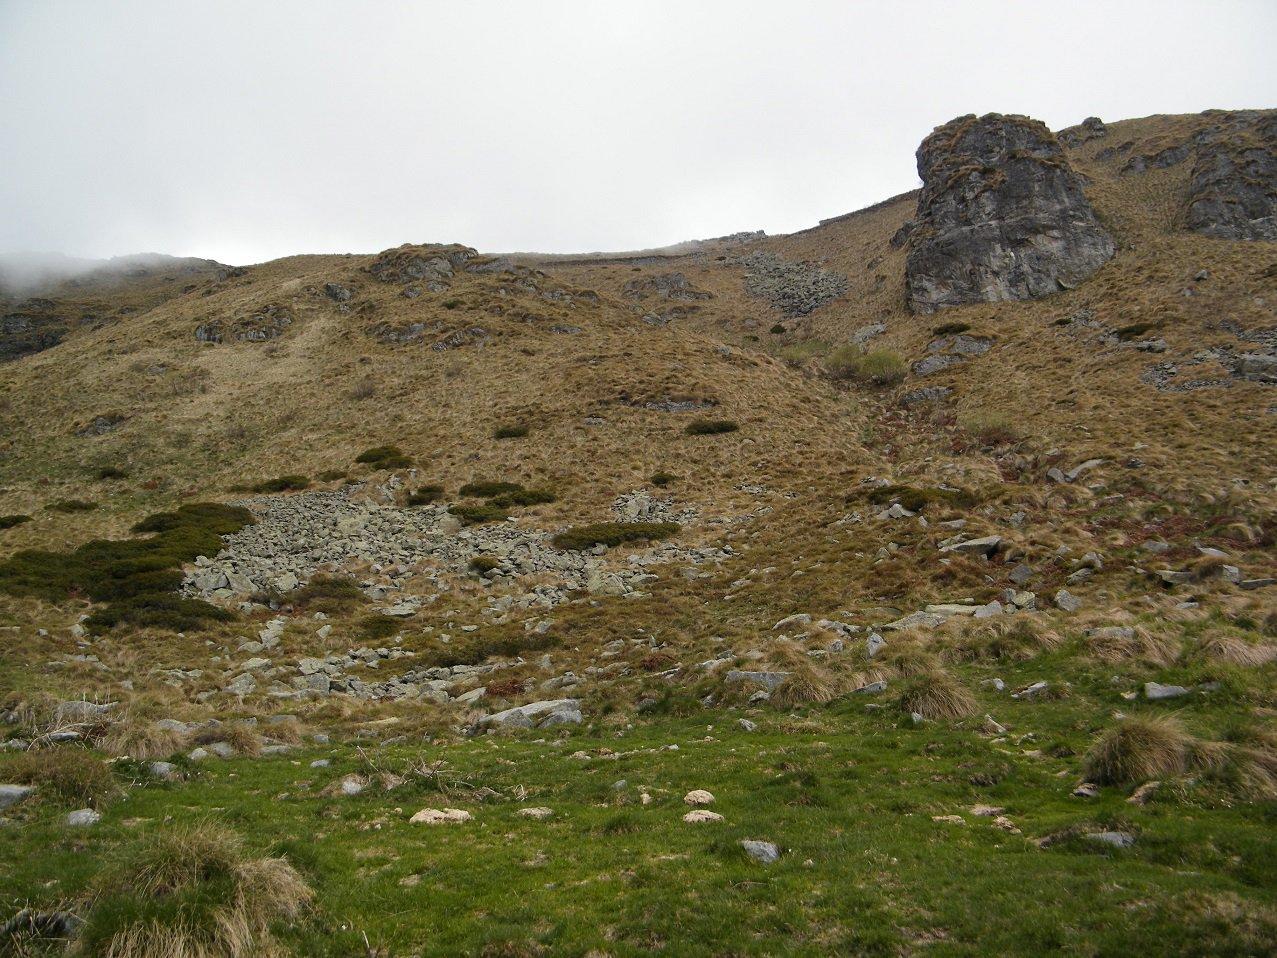 Il ripido pendio che porta all'Alpe Selle di Bele